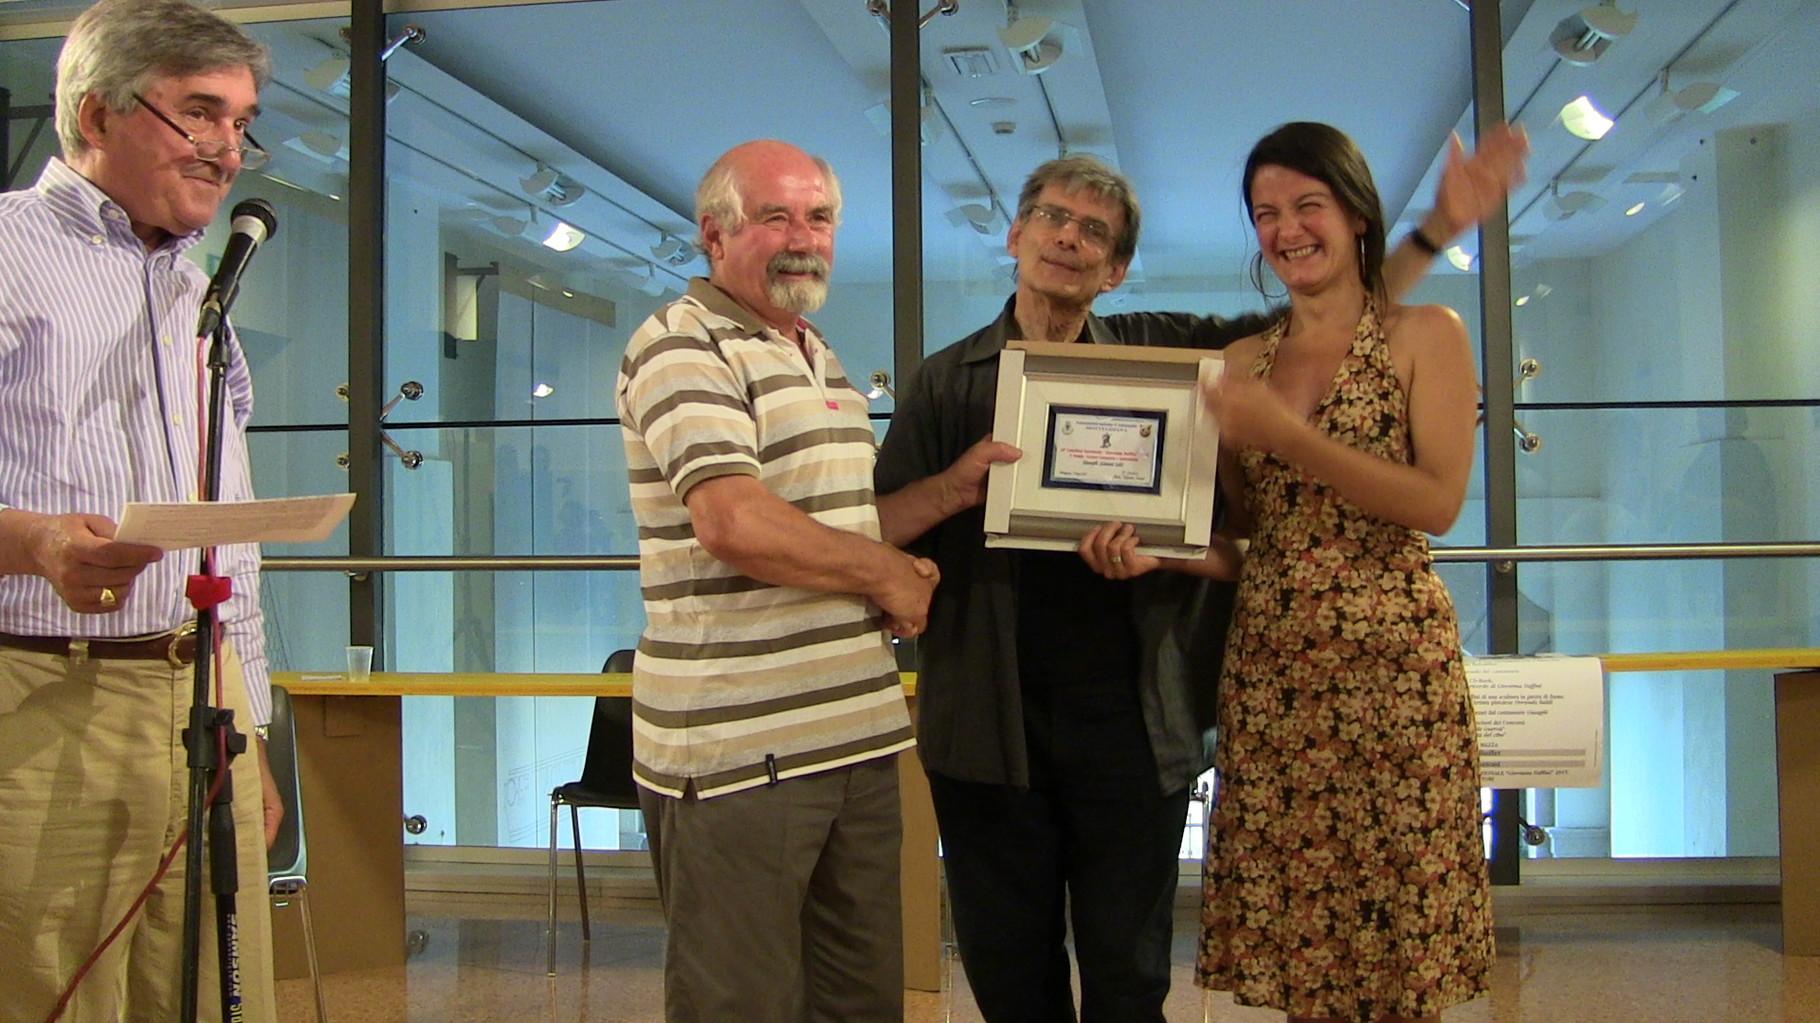 Premiazione Giangili (Gianni Gili) con Simona Boni 2° Premio Cantastorie e sostenibilità del cibo